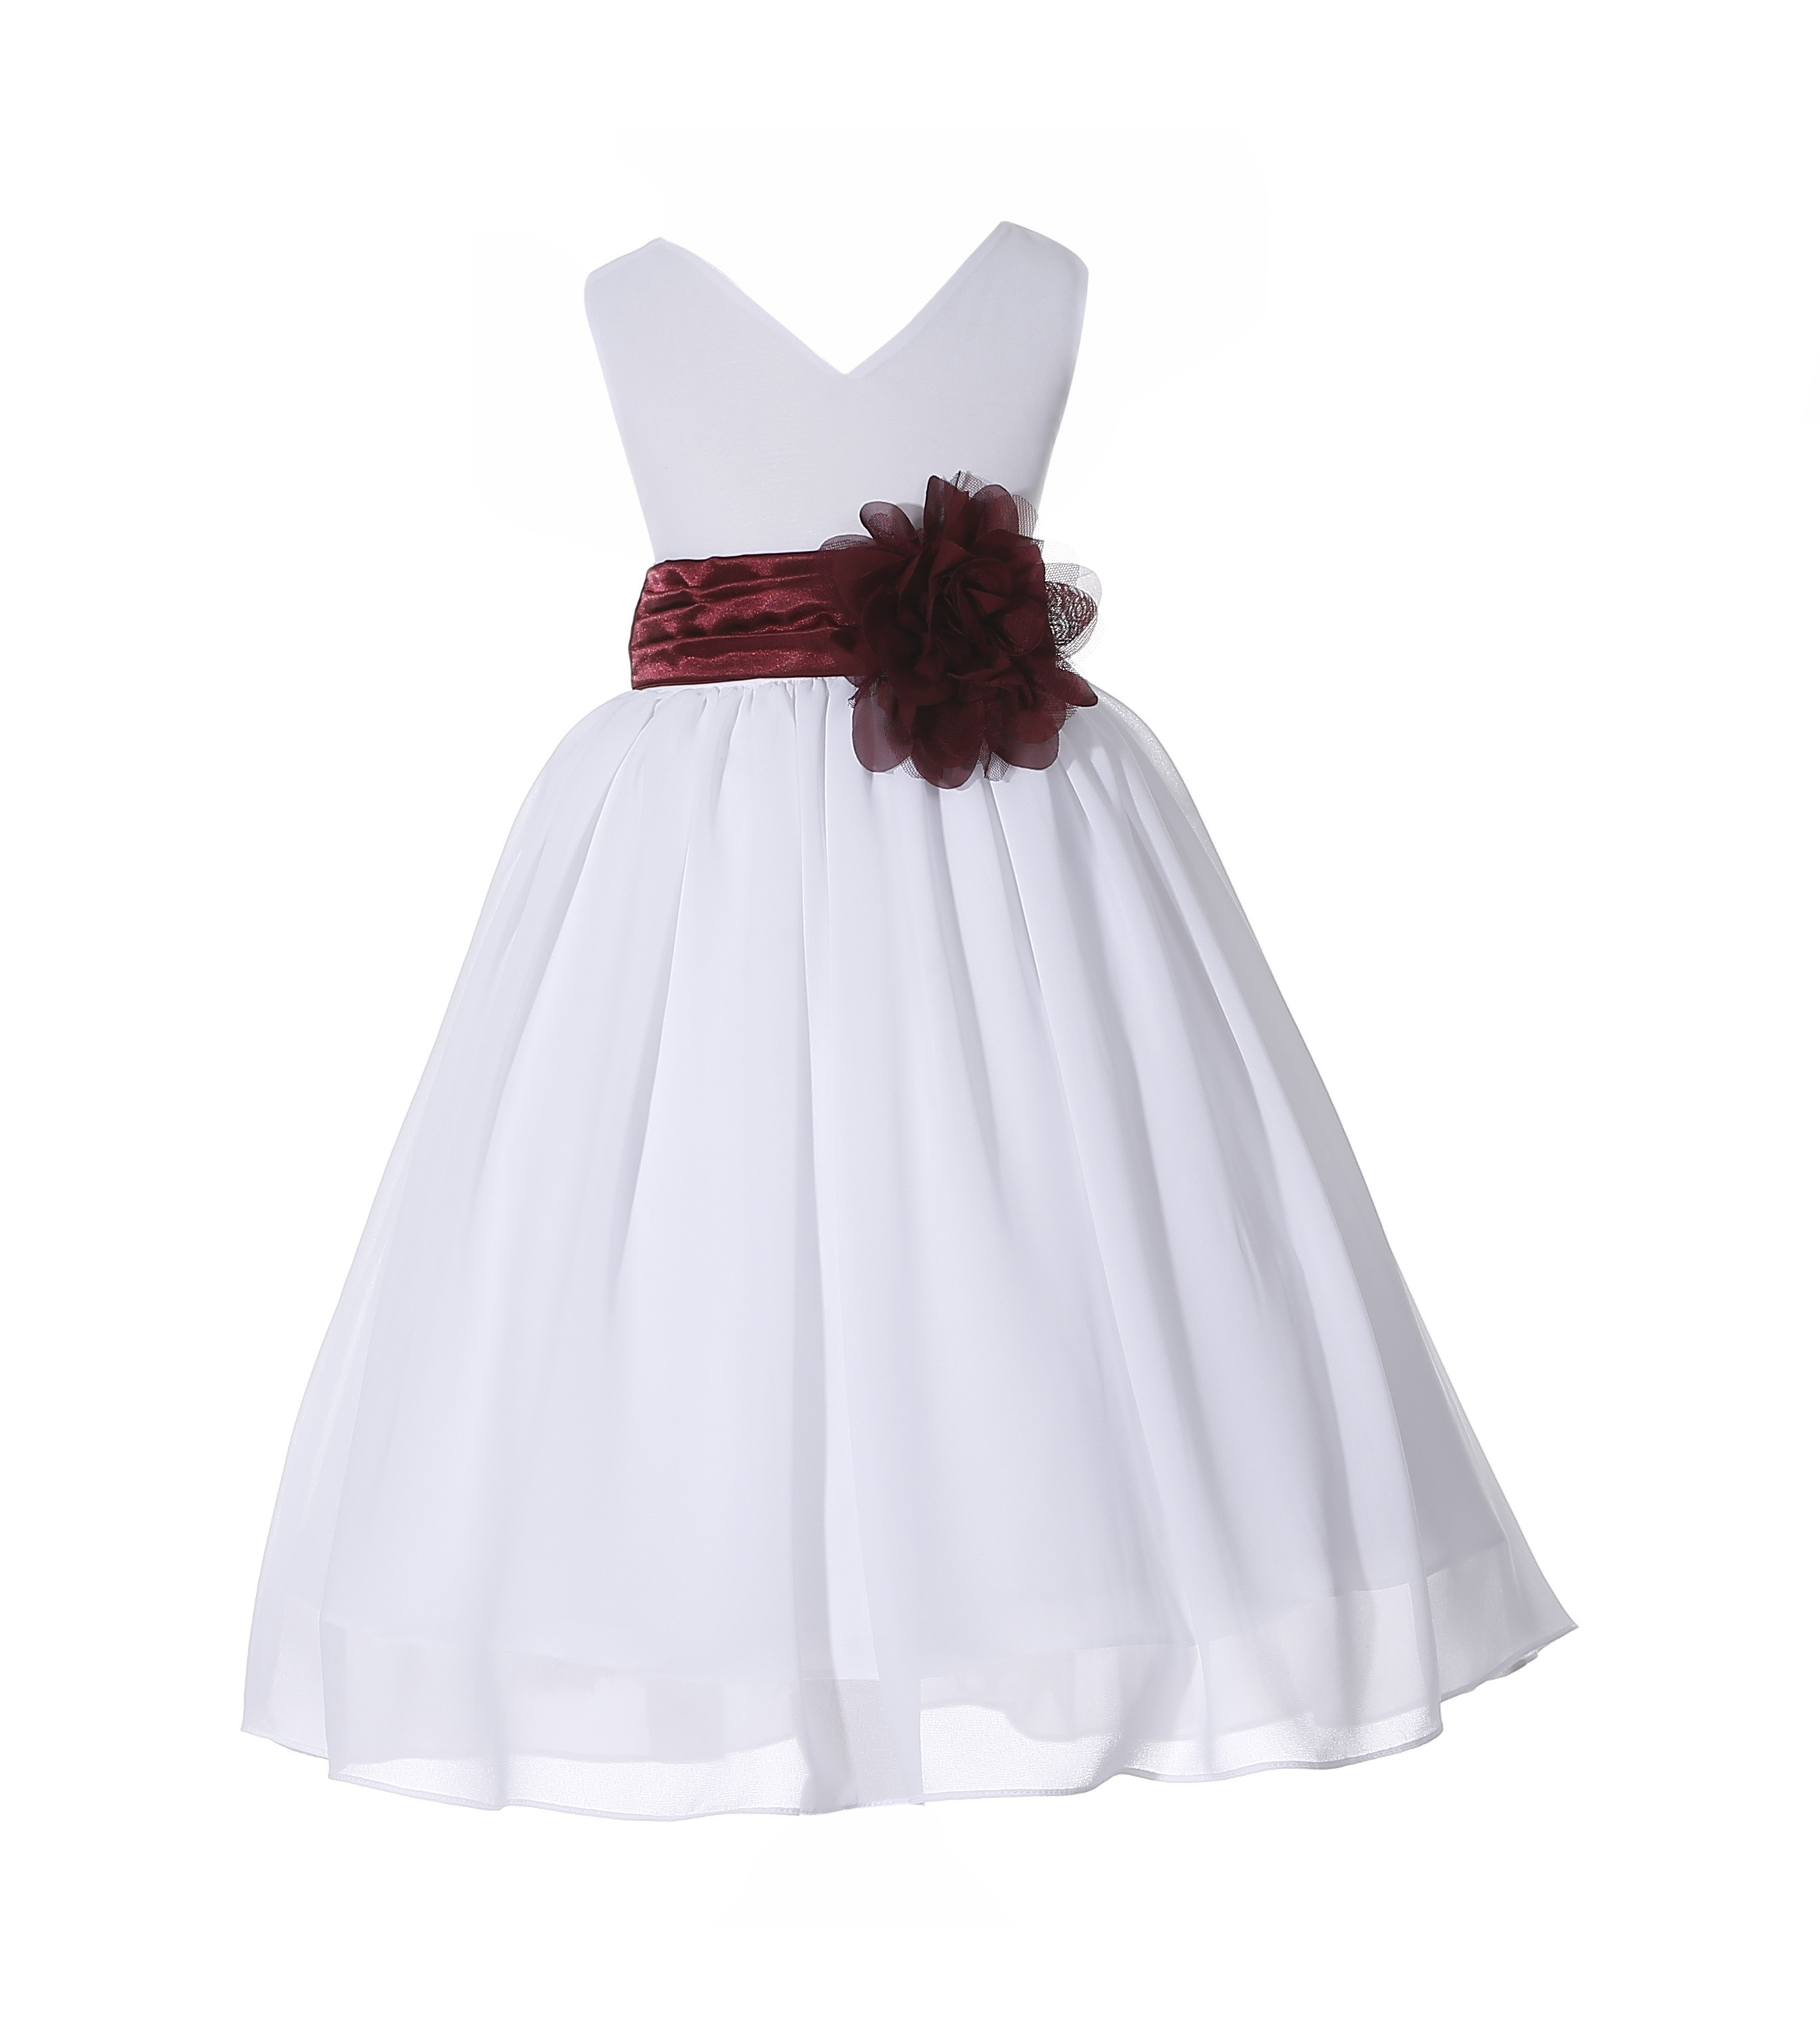 Whiteburgundy V Neck Yoryu Chiffon Flower Girl Dress Wedding 503nf